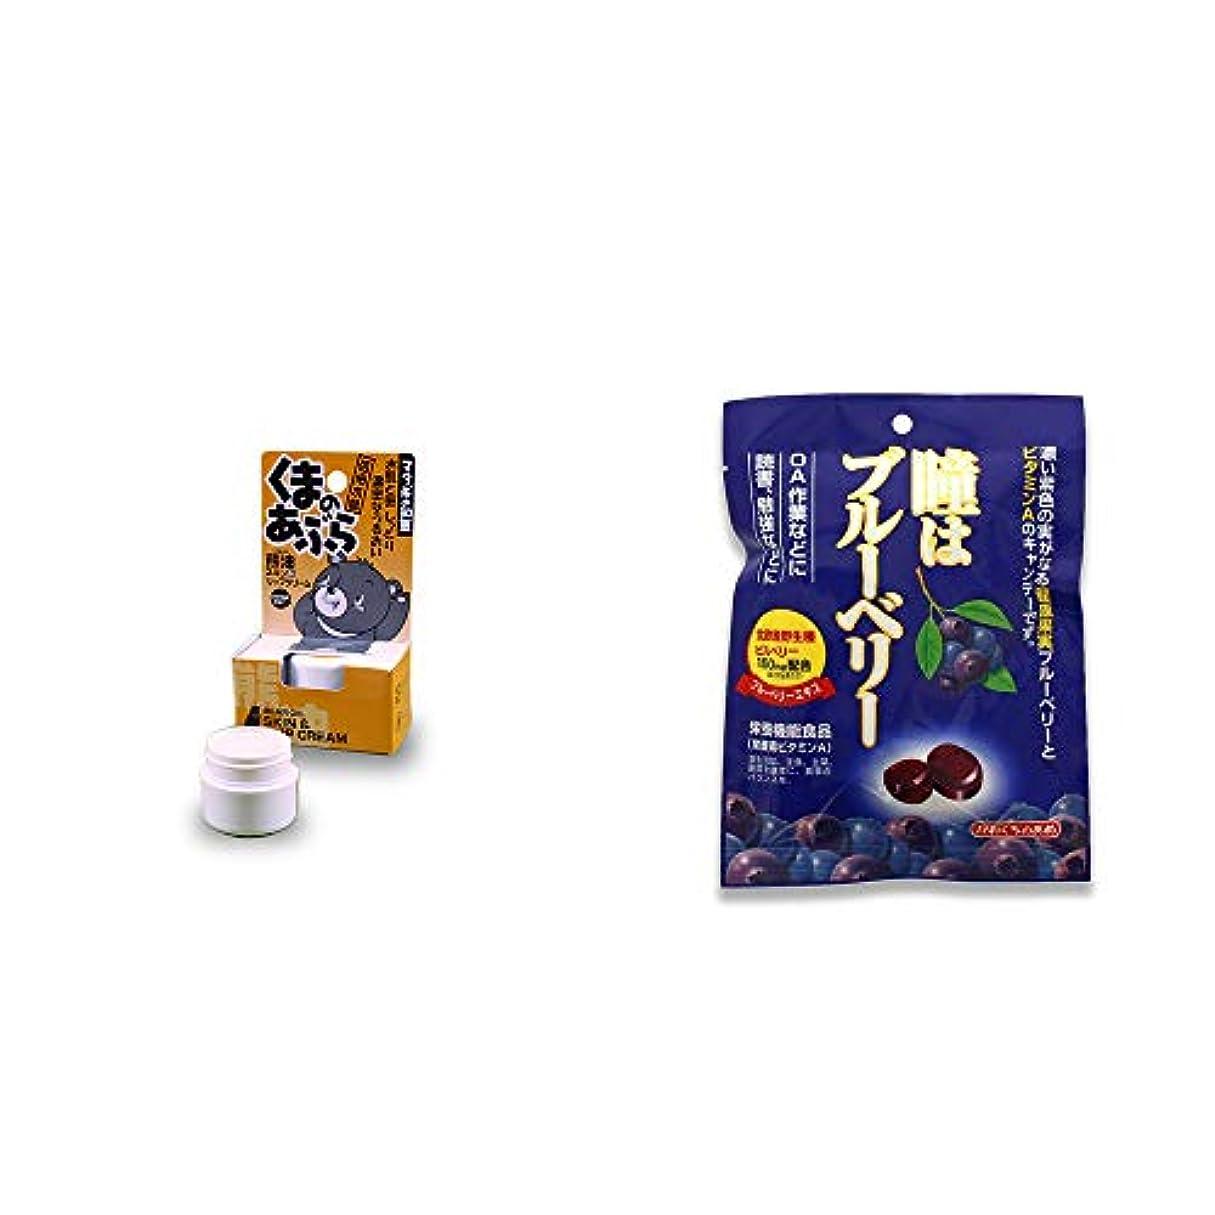 ソフィー内なるスティック[2点セット] 信州木曽 くまのあぶら 熊油スキン&リップクリーム(9g)?瞳はブルーベリー 健康機能食品[ビタミンA](100g)